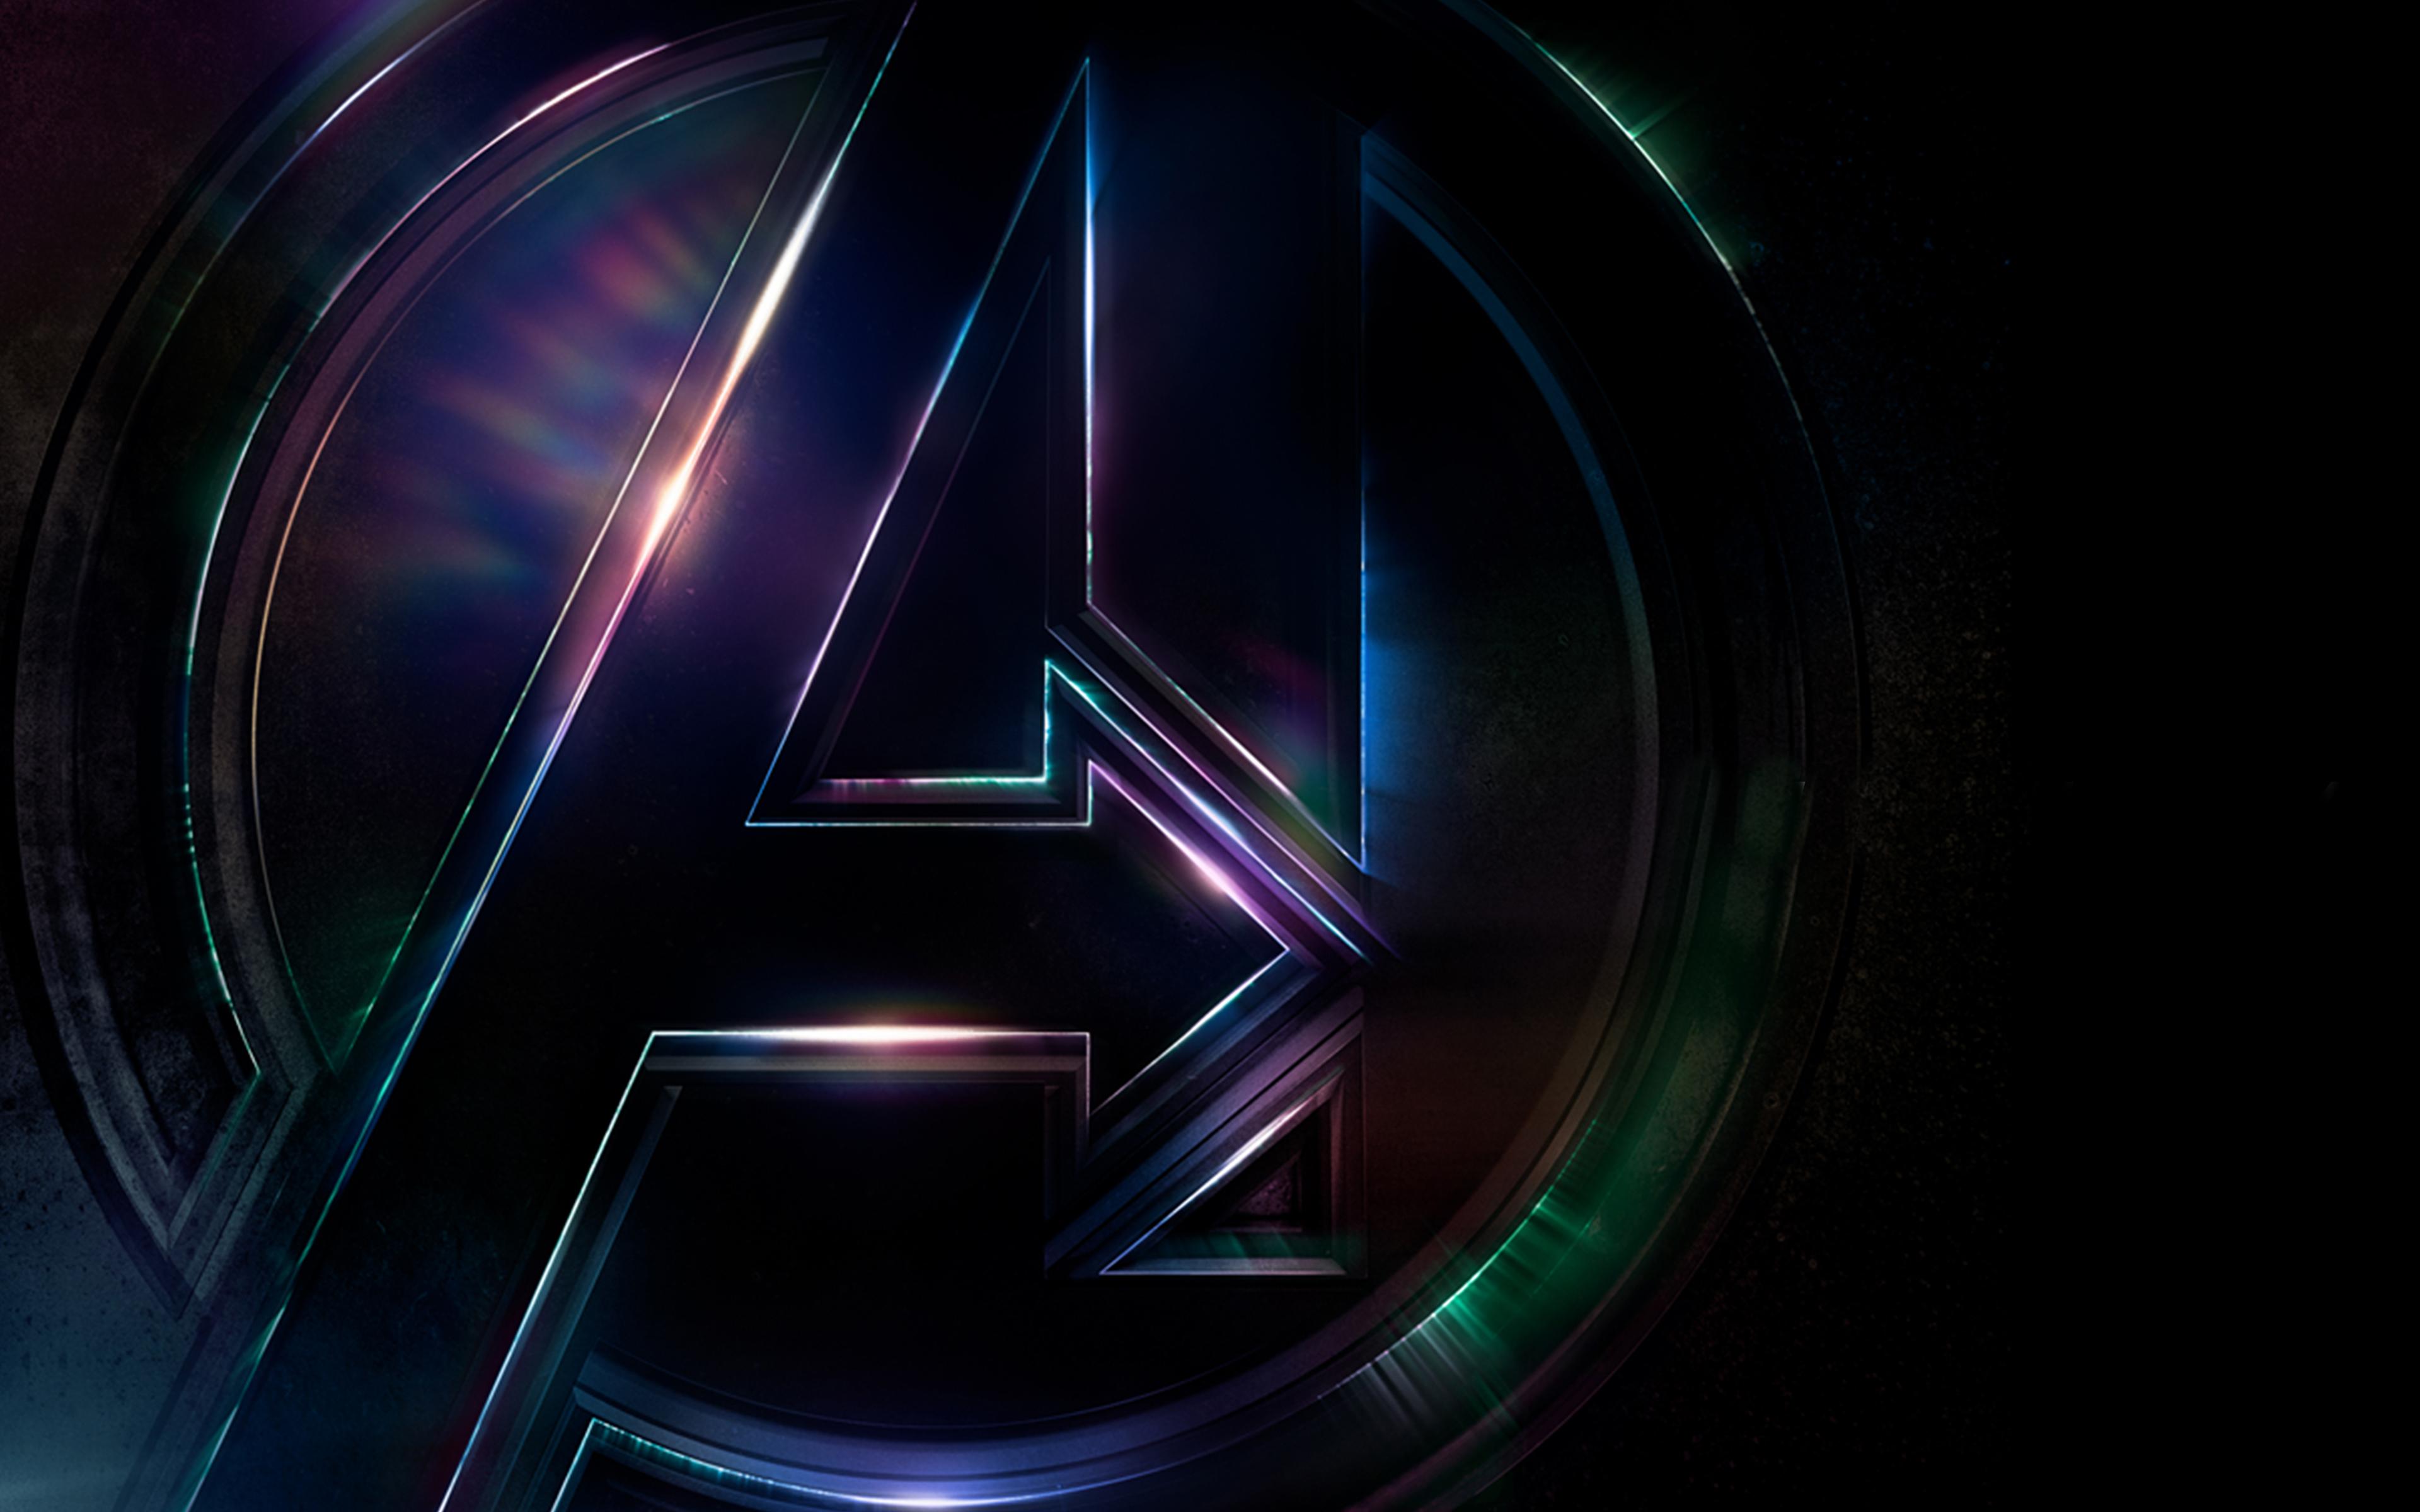 Логотип avengers infinity war обои скачать